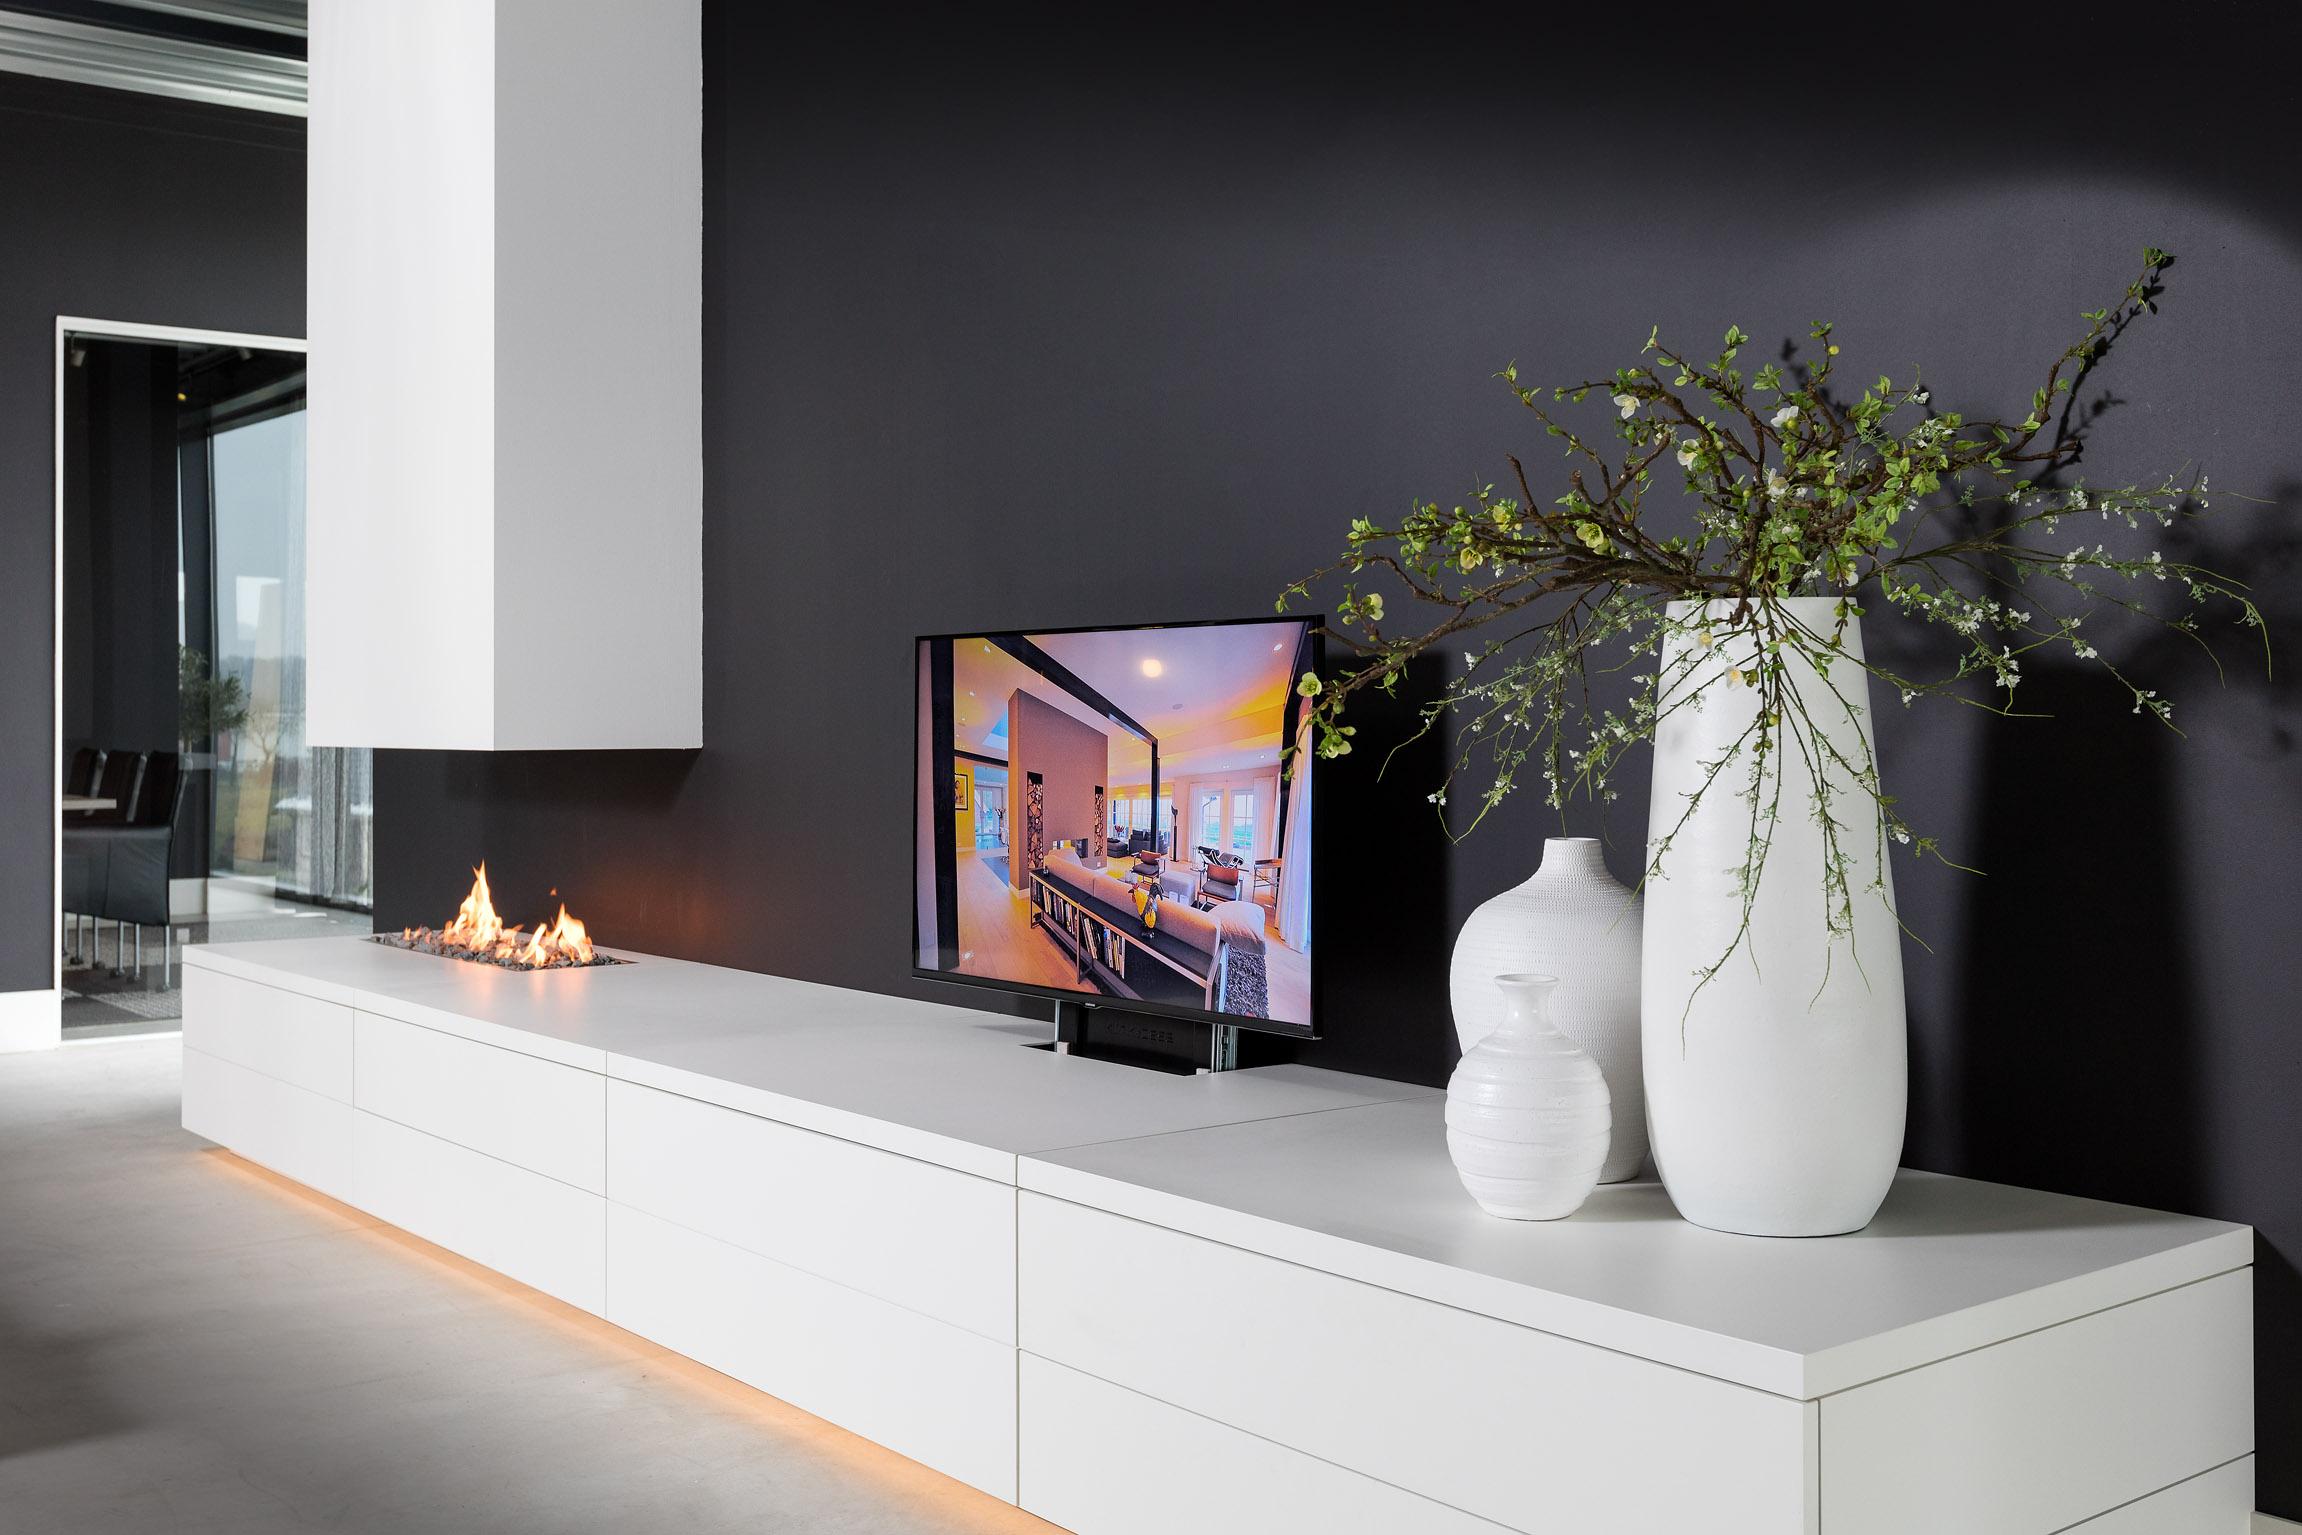 Tvmeubel Met Haard.Tv Meubel En Haard 2 Intrema Interieurbouw